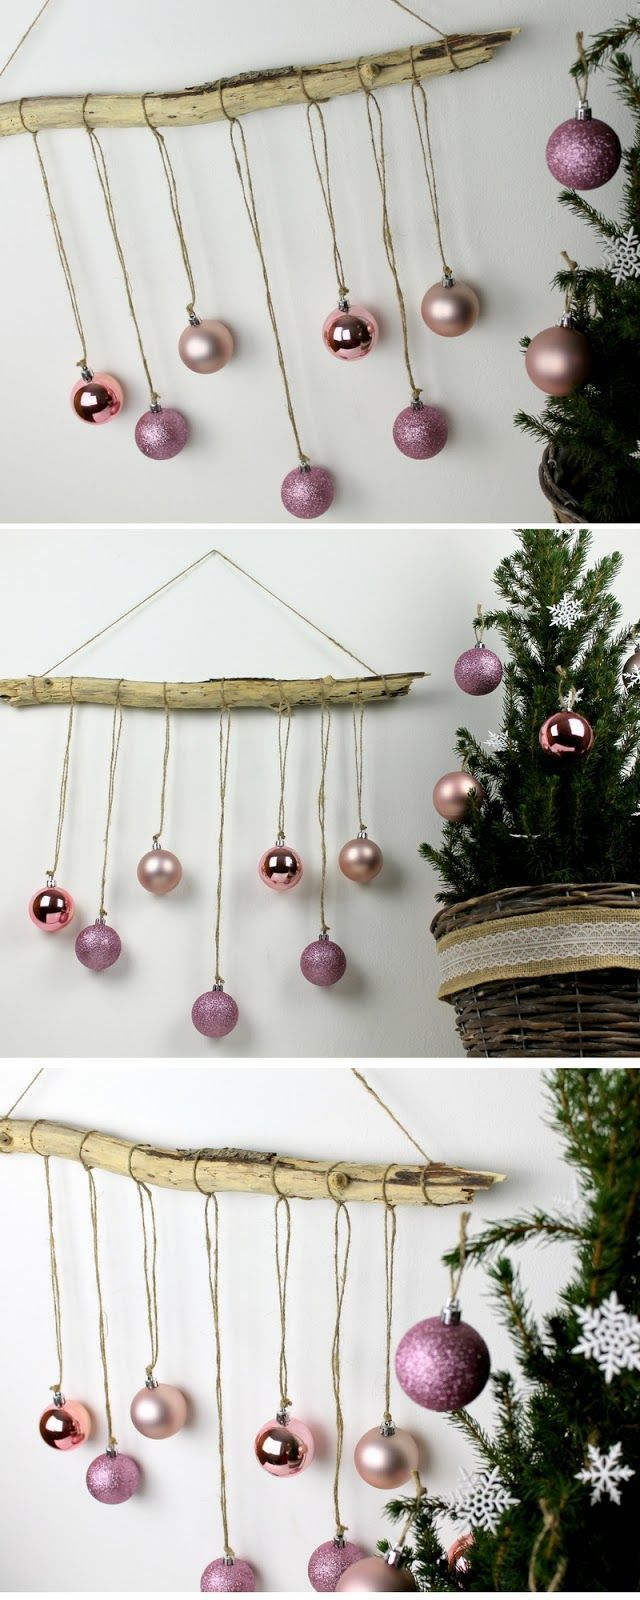 ☆ DIY ausgefallene, weihnachtliche Wanddekoration aus Treibholz mit Christbaumkugeln selber machen ☆